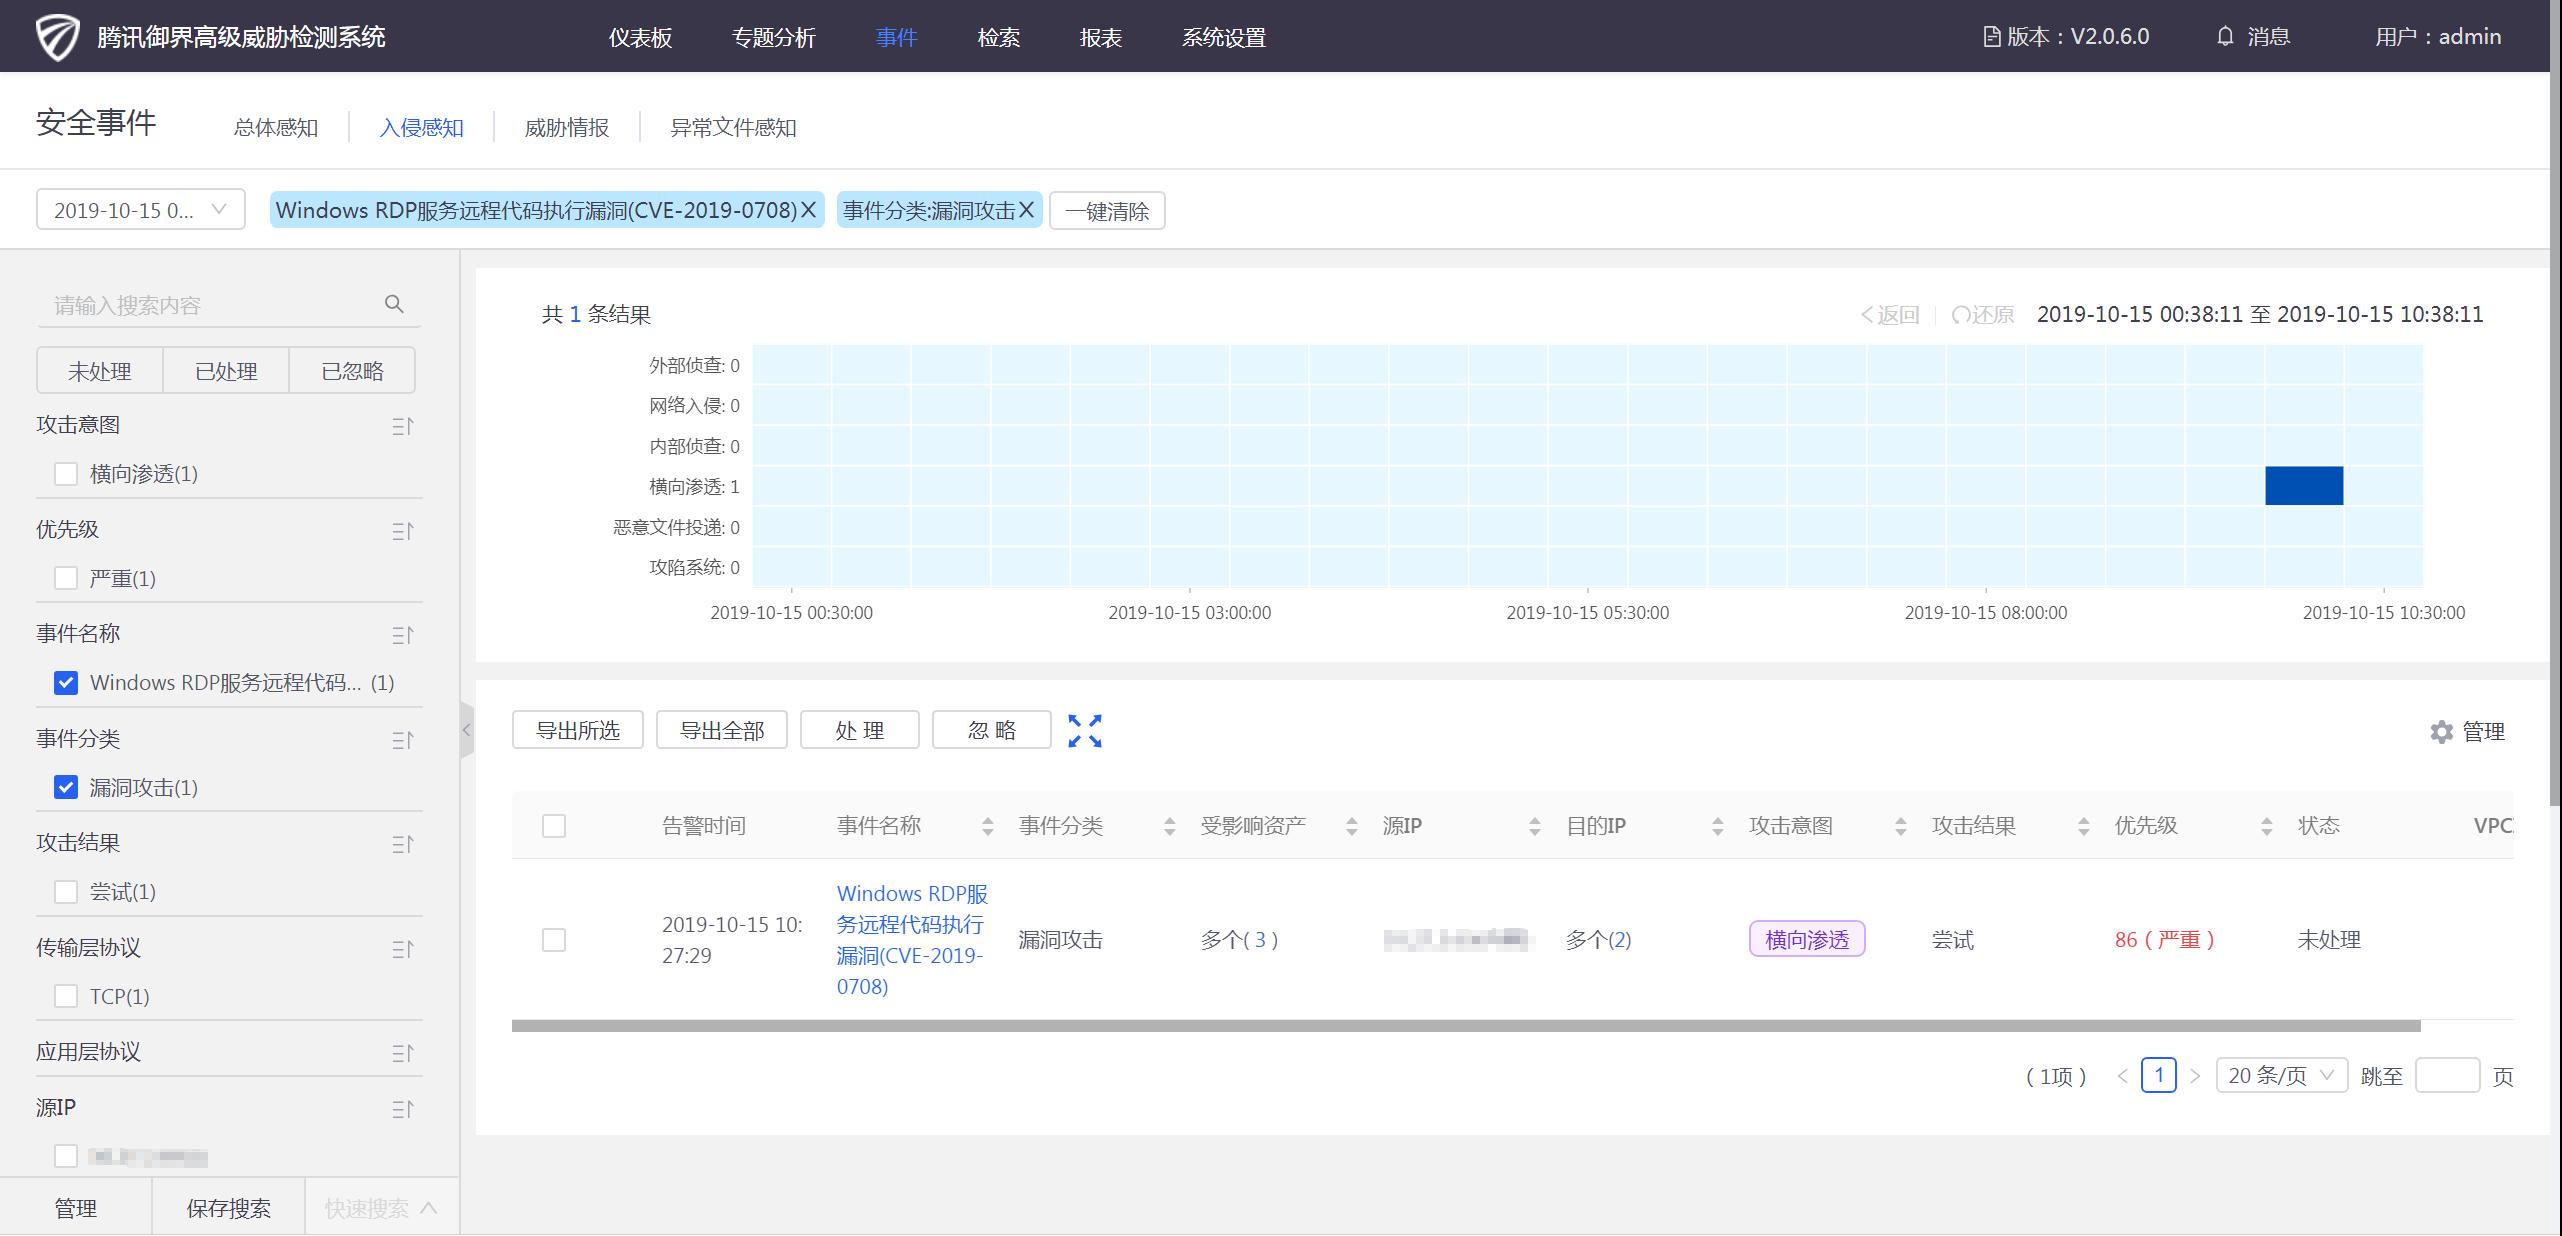 永恒之蓝下载器木马再添 BlueKeep 漏洞攻击,多系统版本均受影响